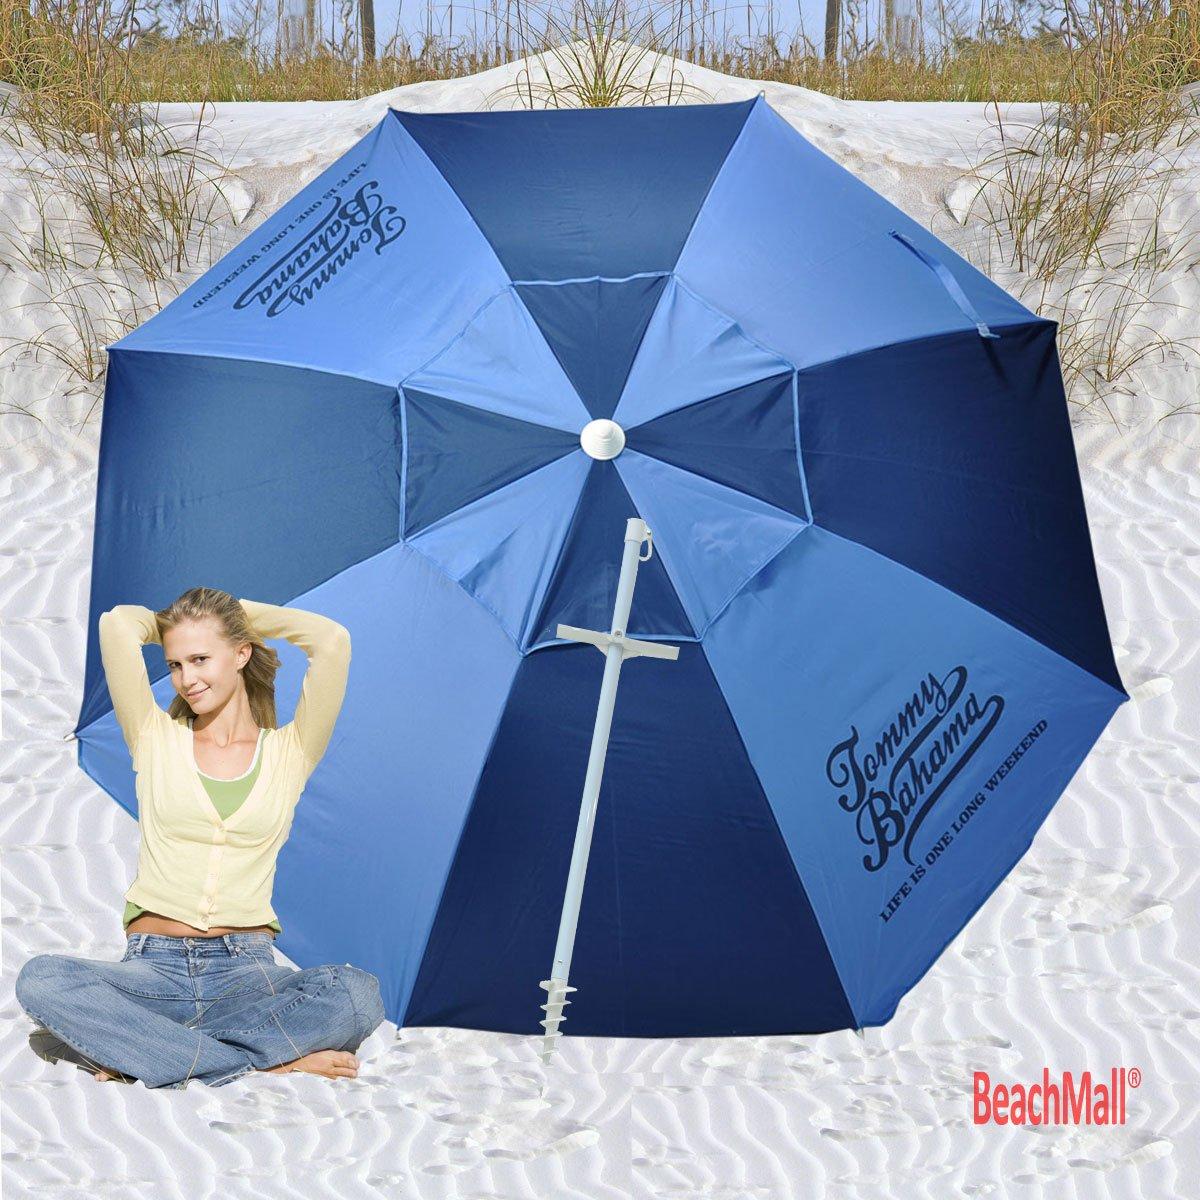 Top 10 Best Beach Umbrella Reviews 2018 2019 On Flipboard